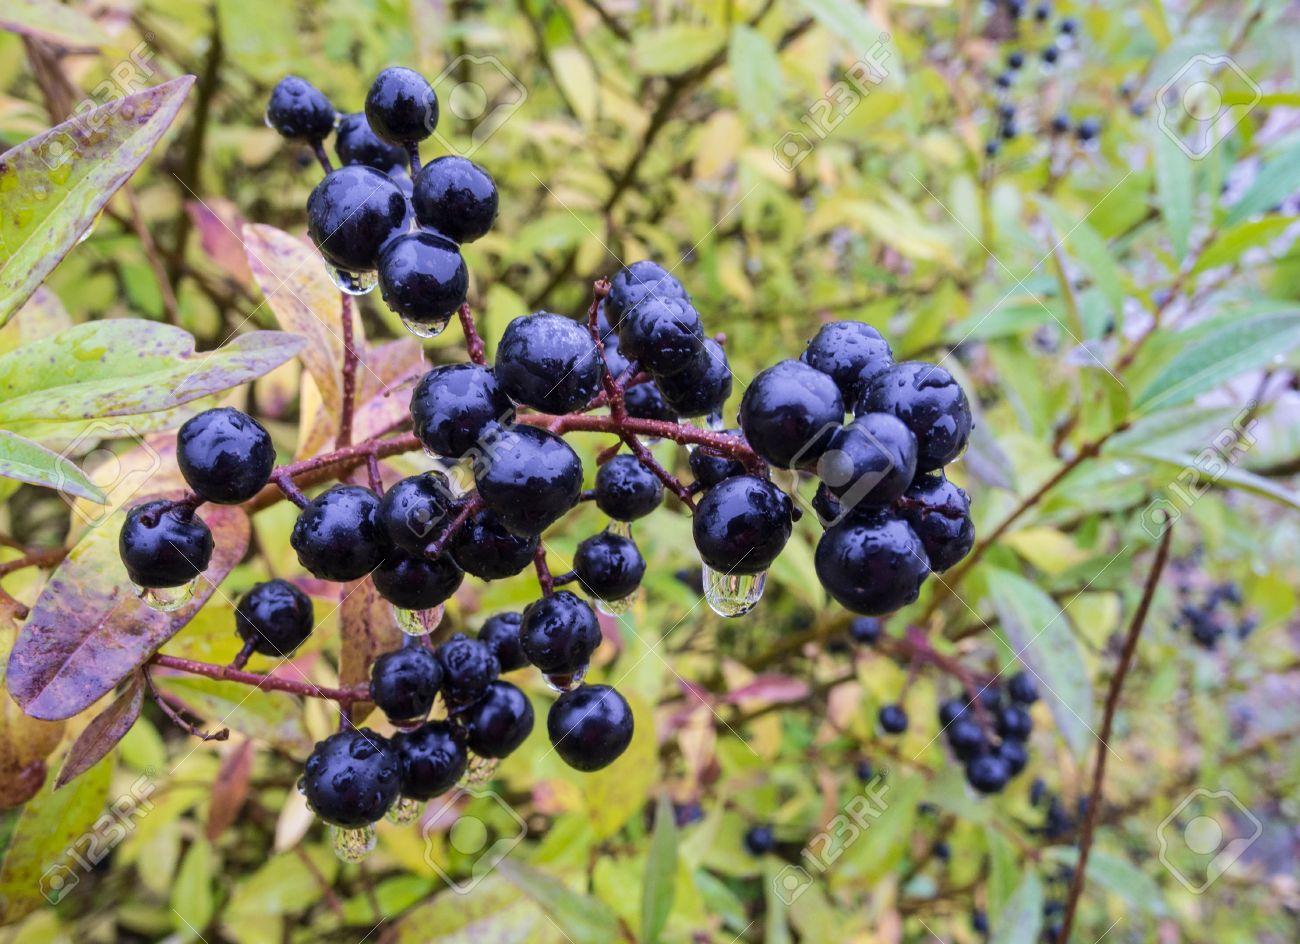 Deep blue und glänzend Beeren auf einem Strauch der wilden Liguster in regen, Ligustrum vulgare, im Herbst Standard-Bild - 15659332